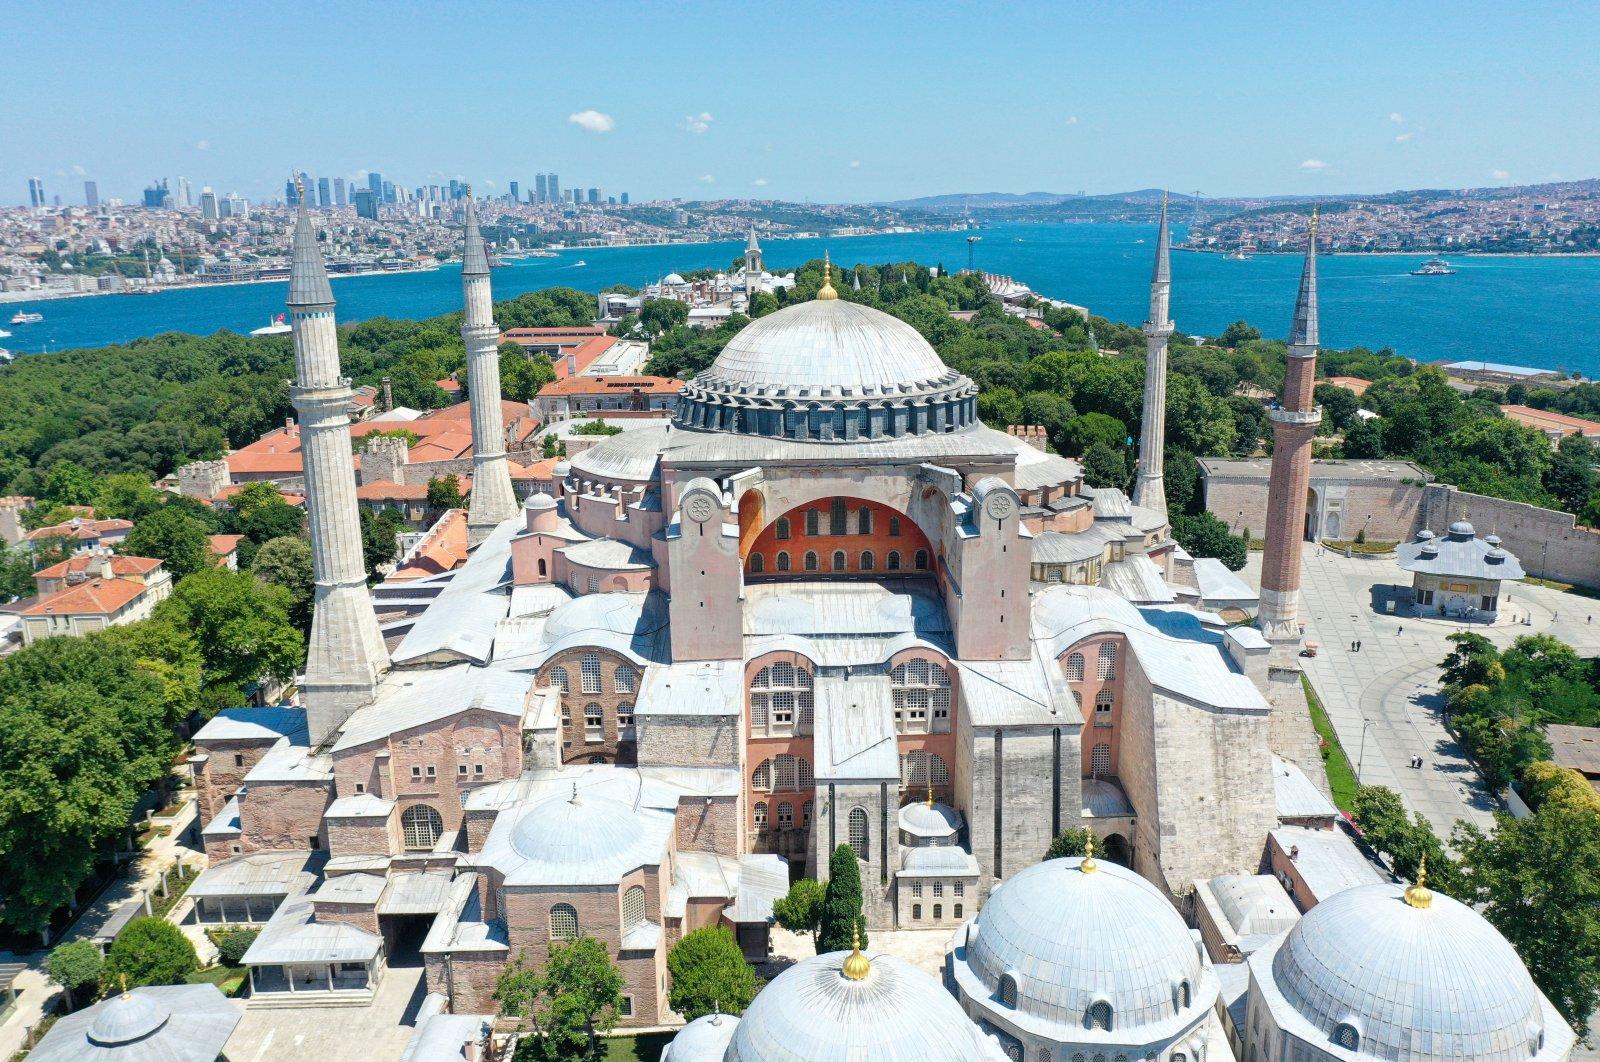 wonderful Hagia Sophia image